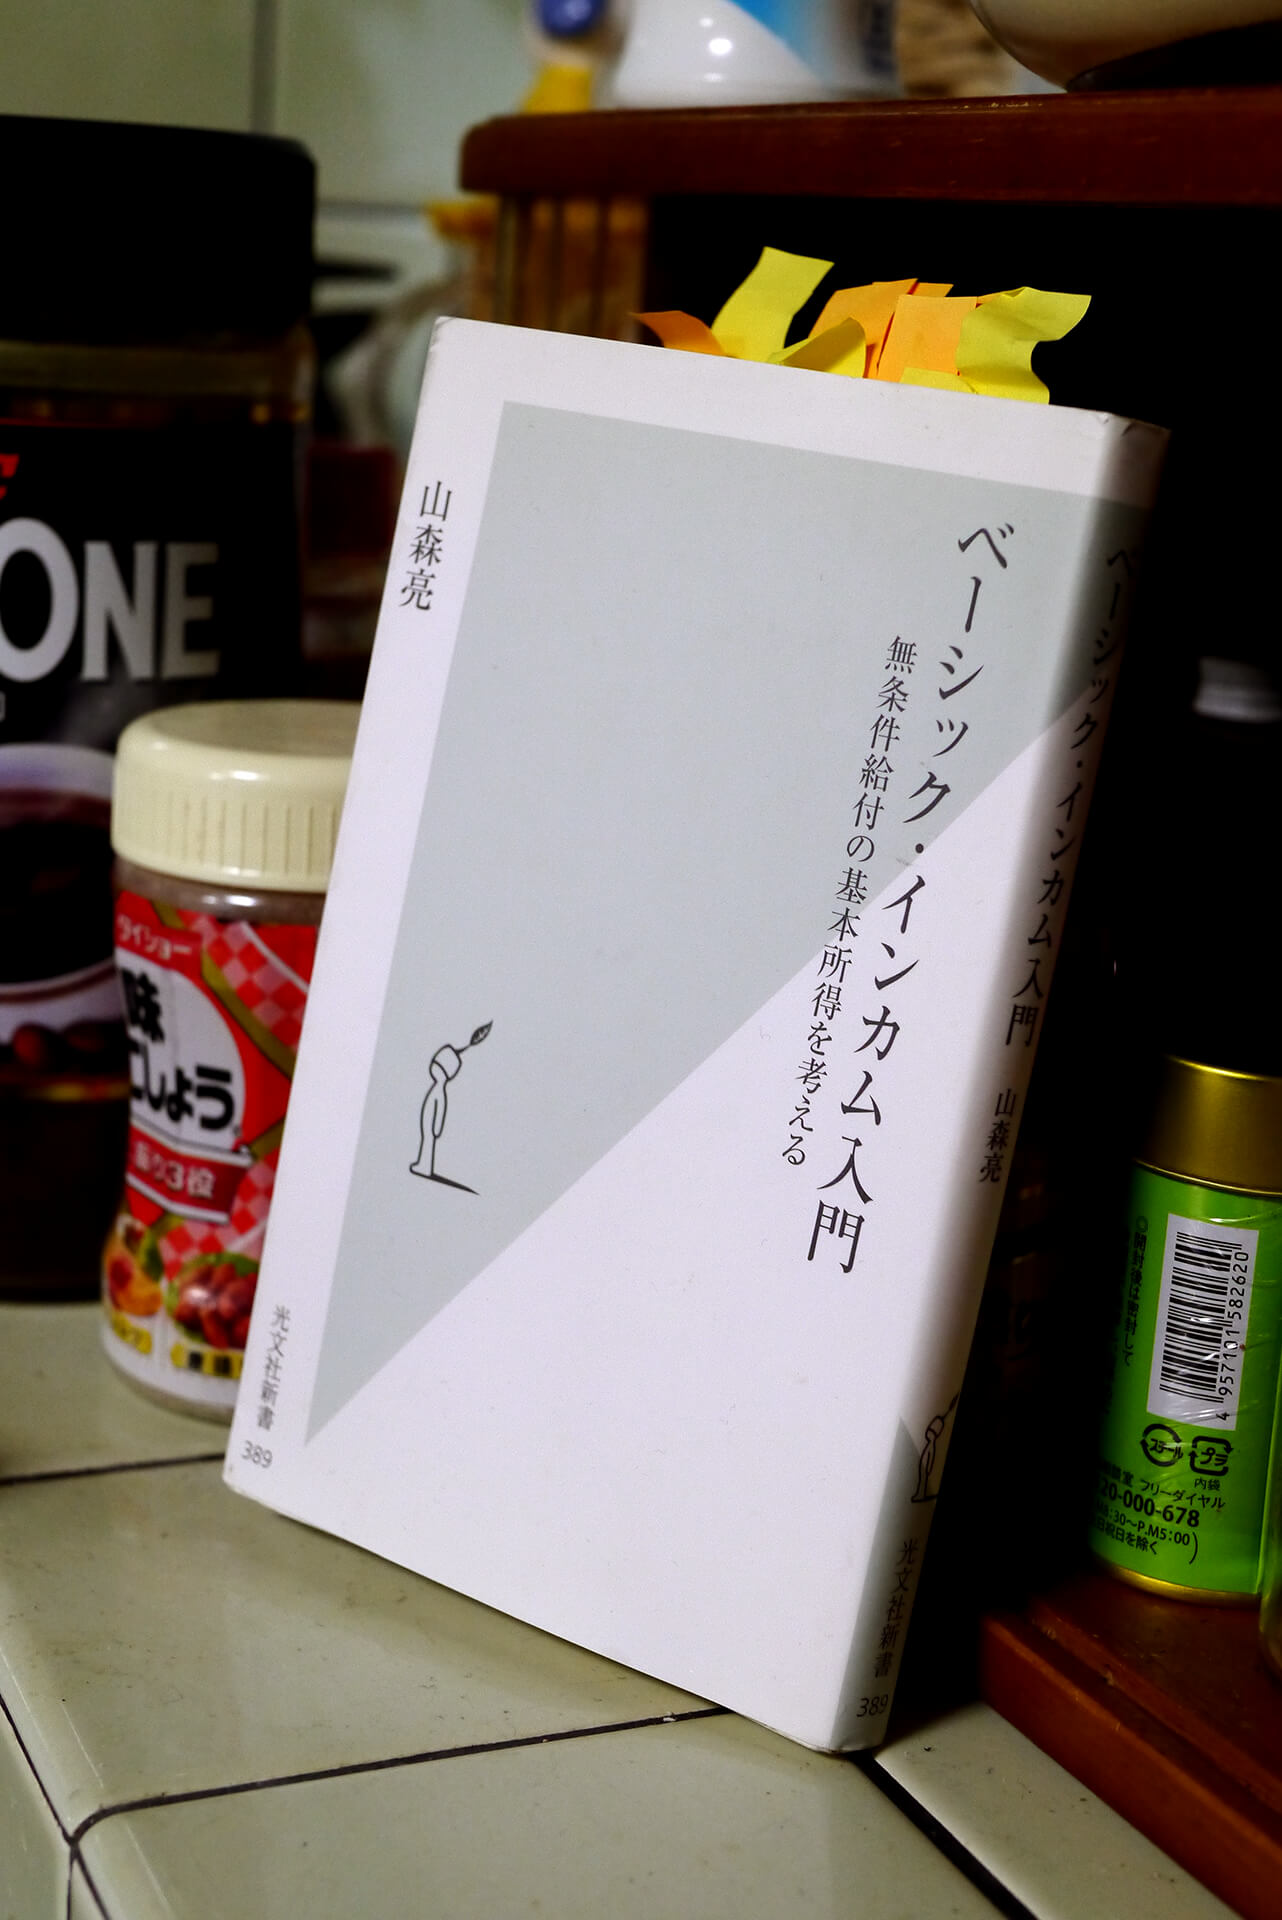 書籍ベーシック・インカム入門(山森亮/光文社)」の表紙画像